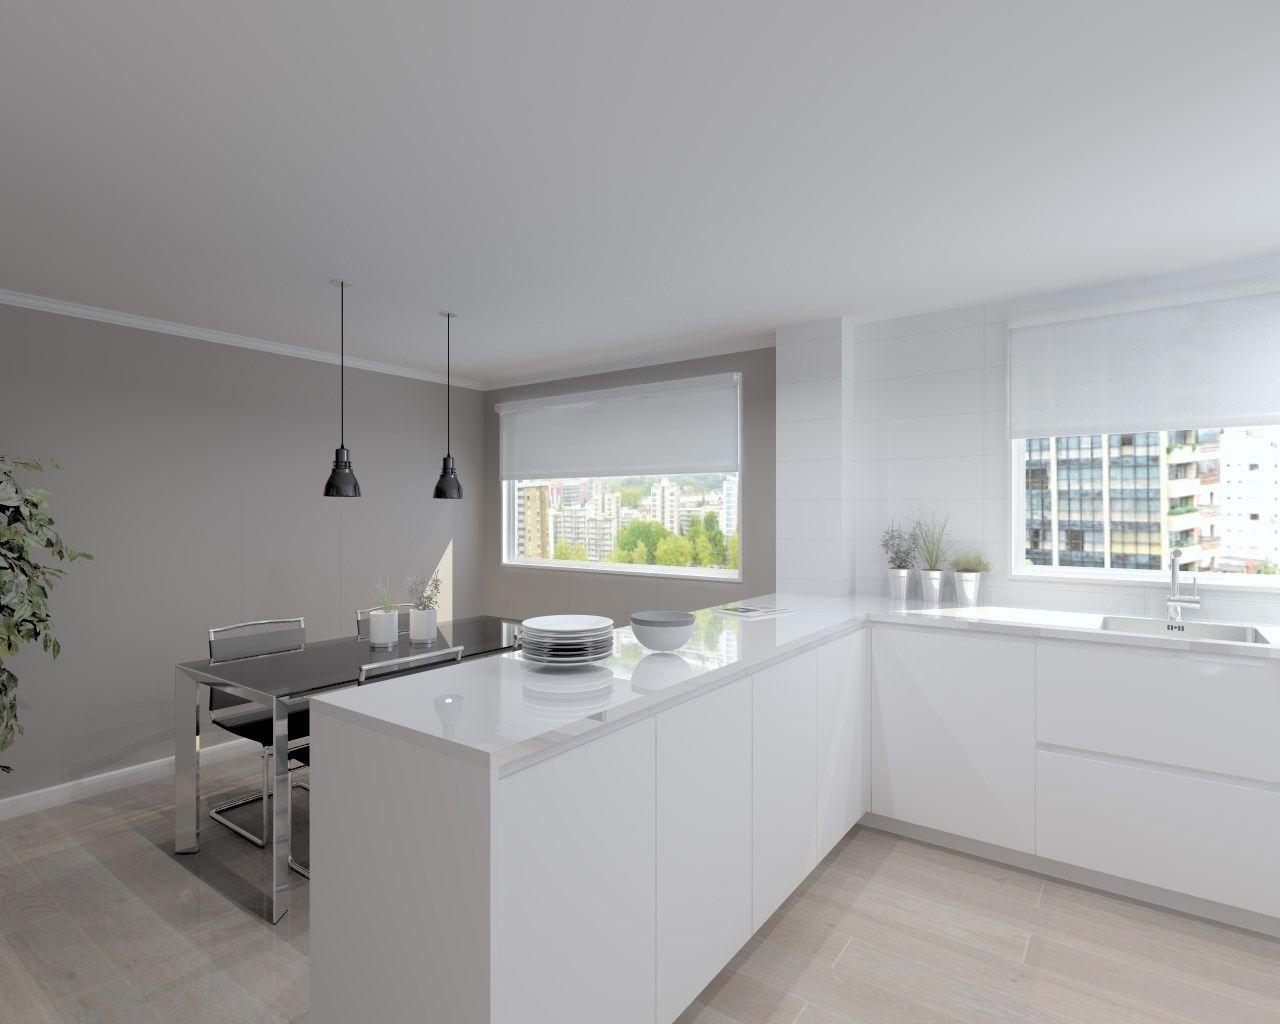 Cocina santos modelo line laminado blanco encimera - Cocina blanca encimera madera ...